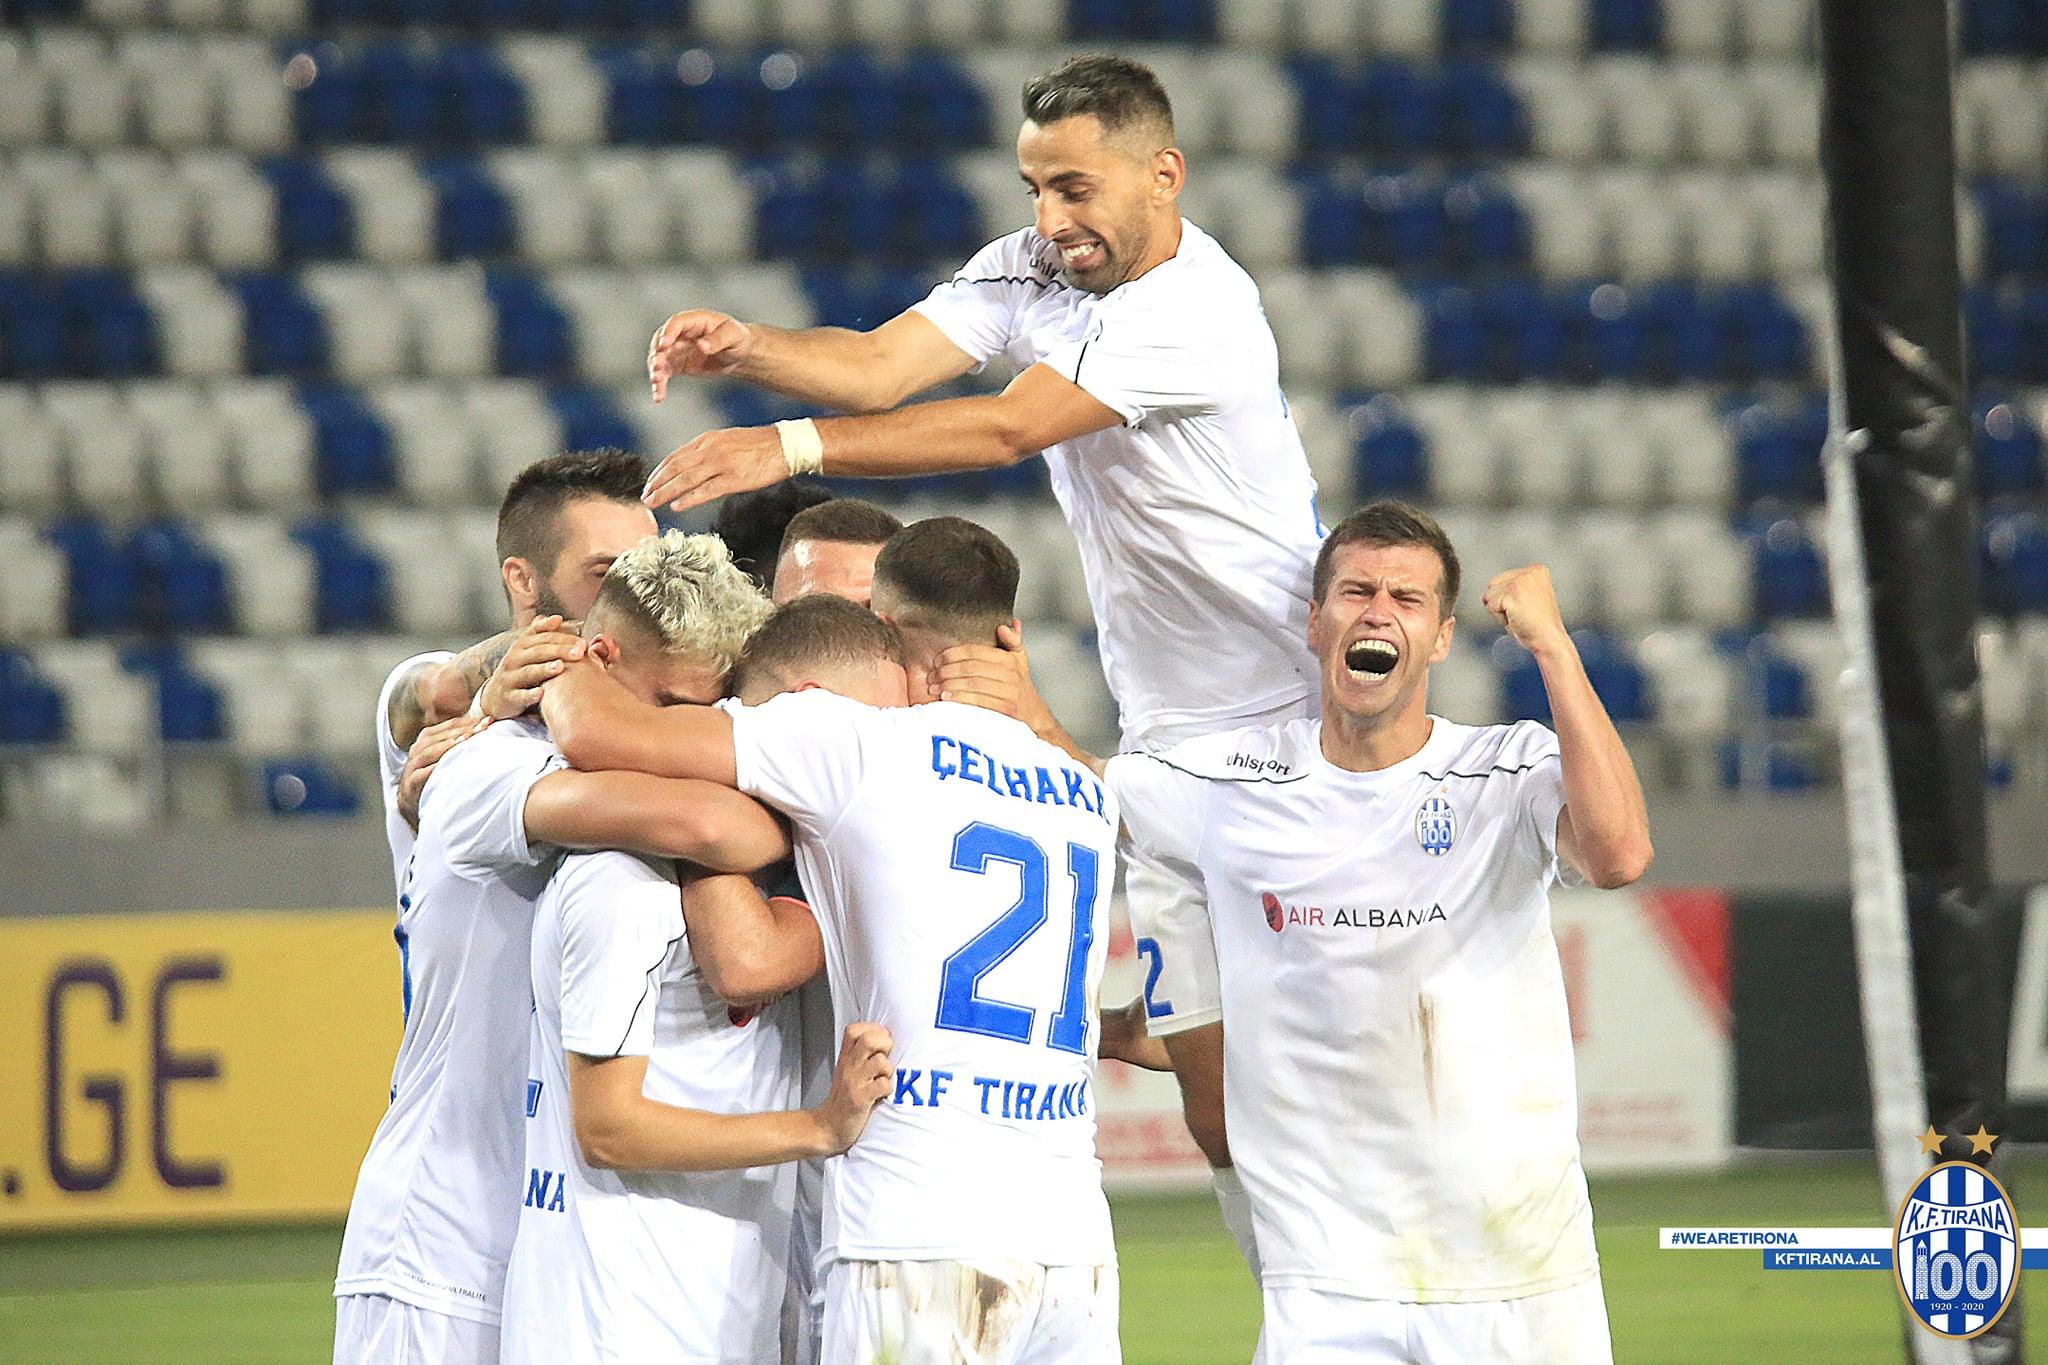 Tirana kërkon suksesin e radhës në Ligën e Kampionëve, formacioni zyrtar